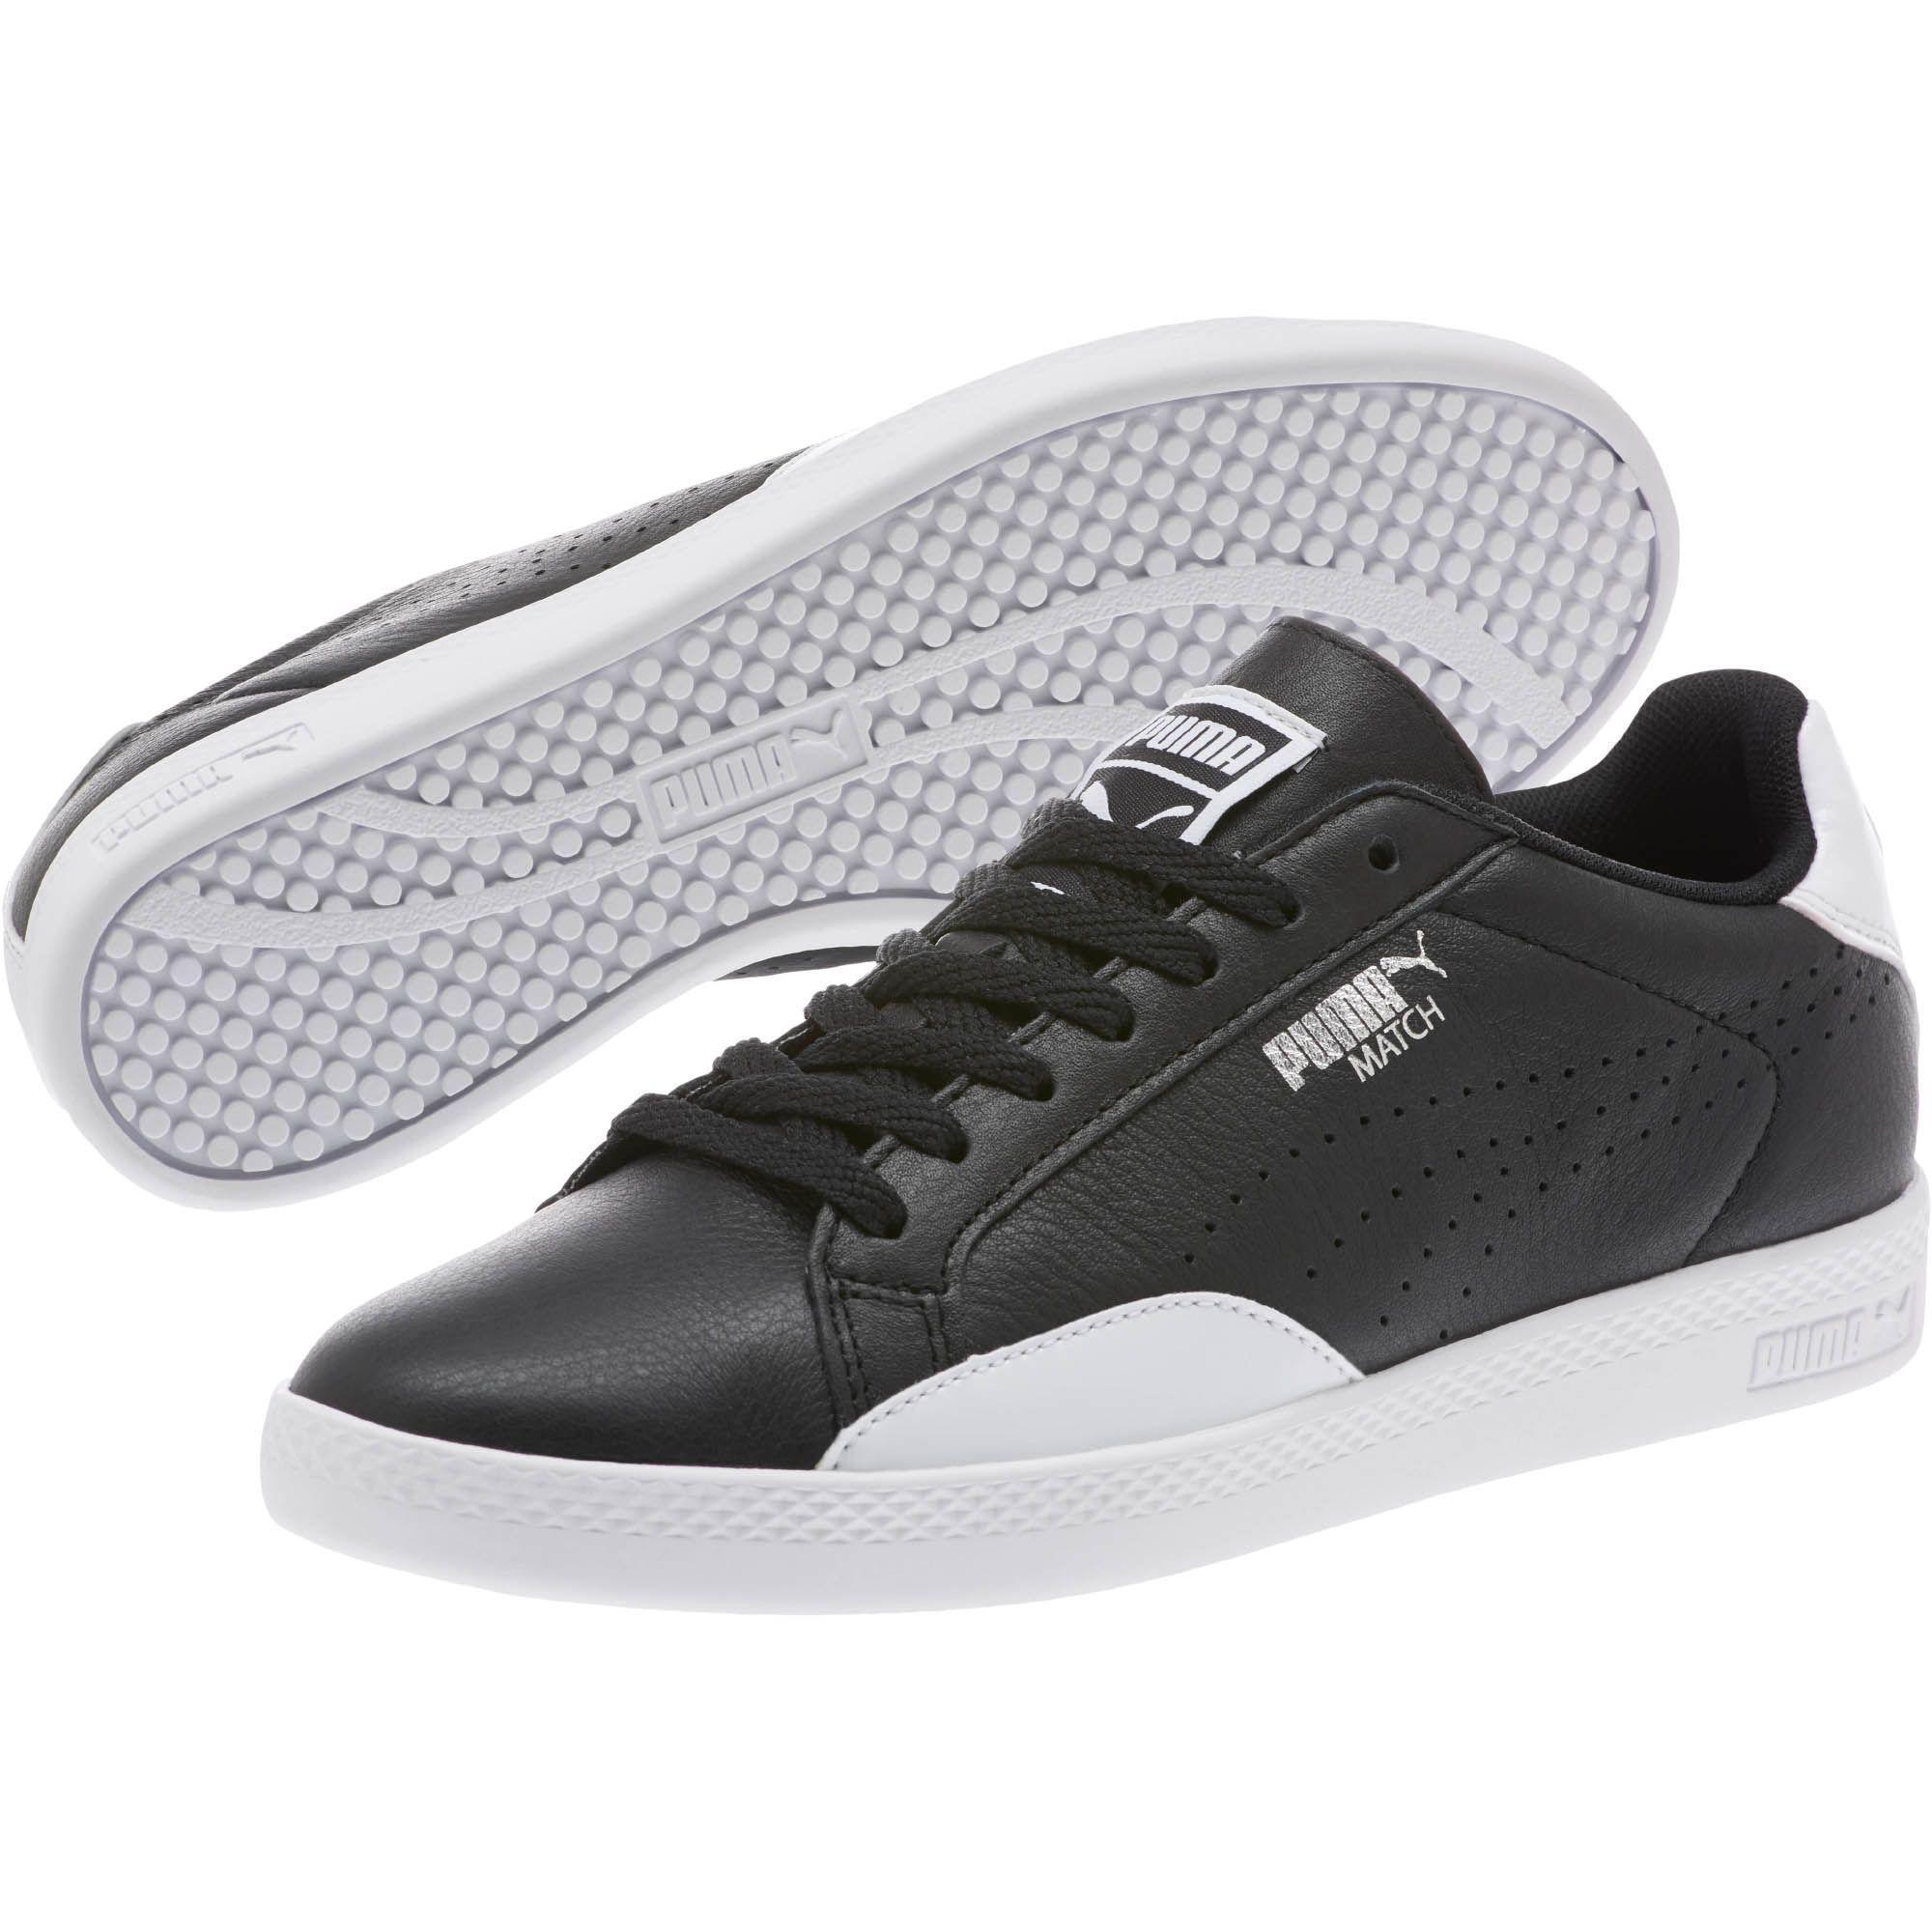 3dcdee6b401 Lyst - Puma Match Women s Sneakers in Black